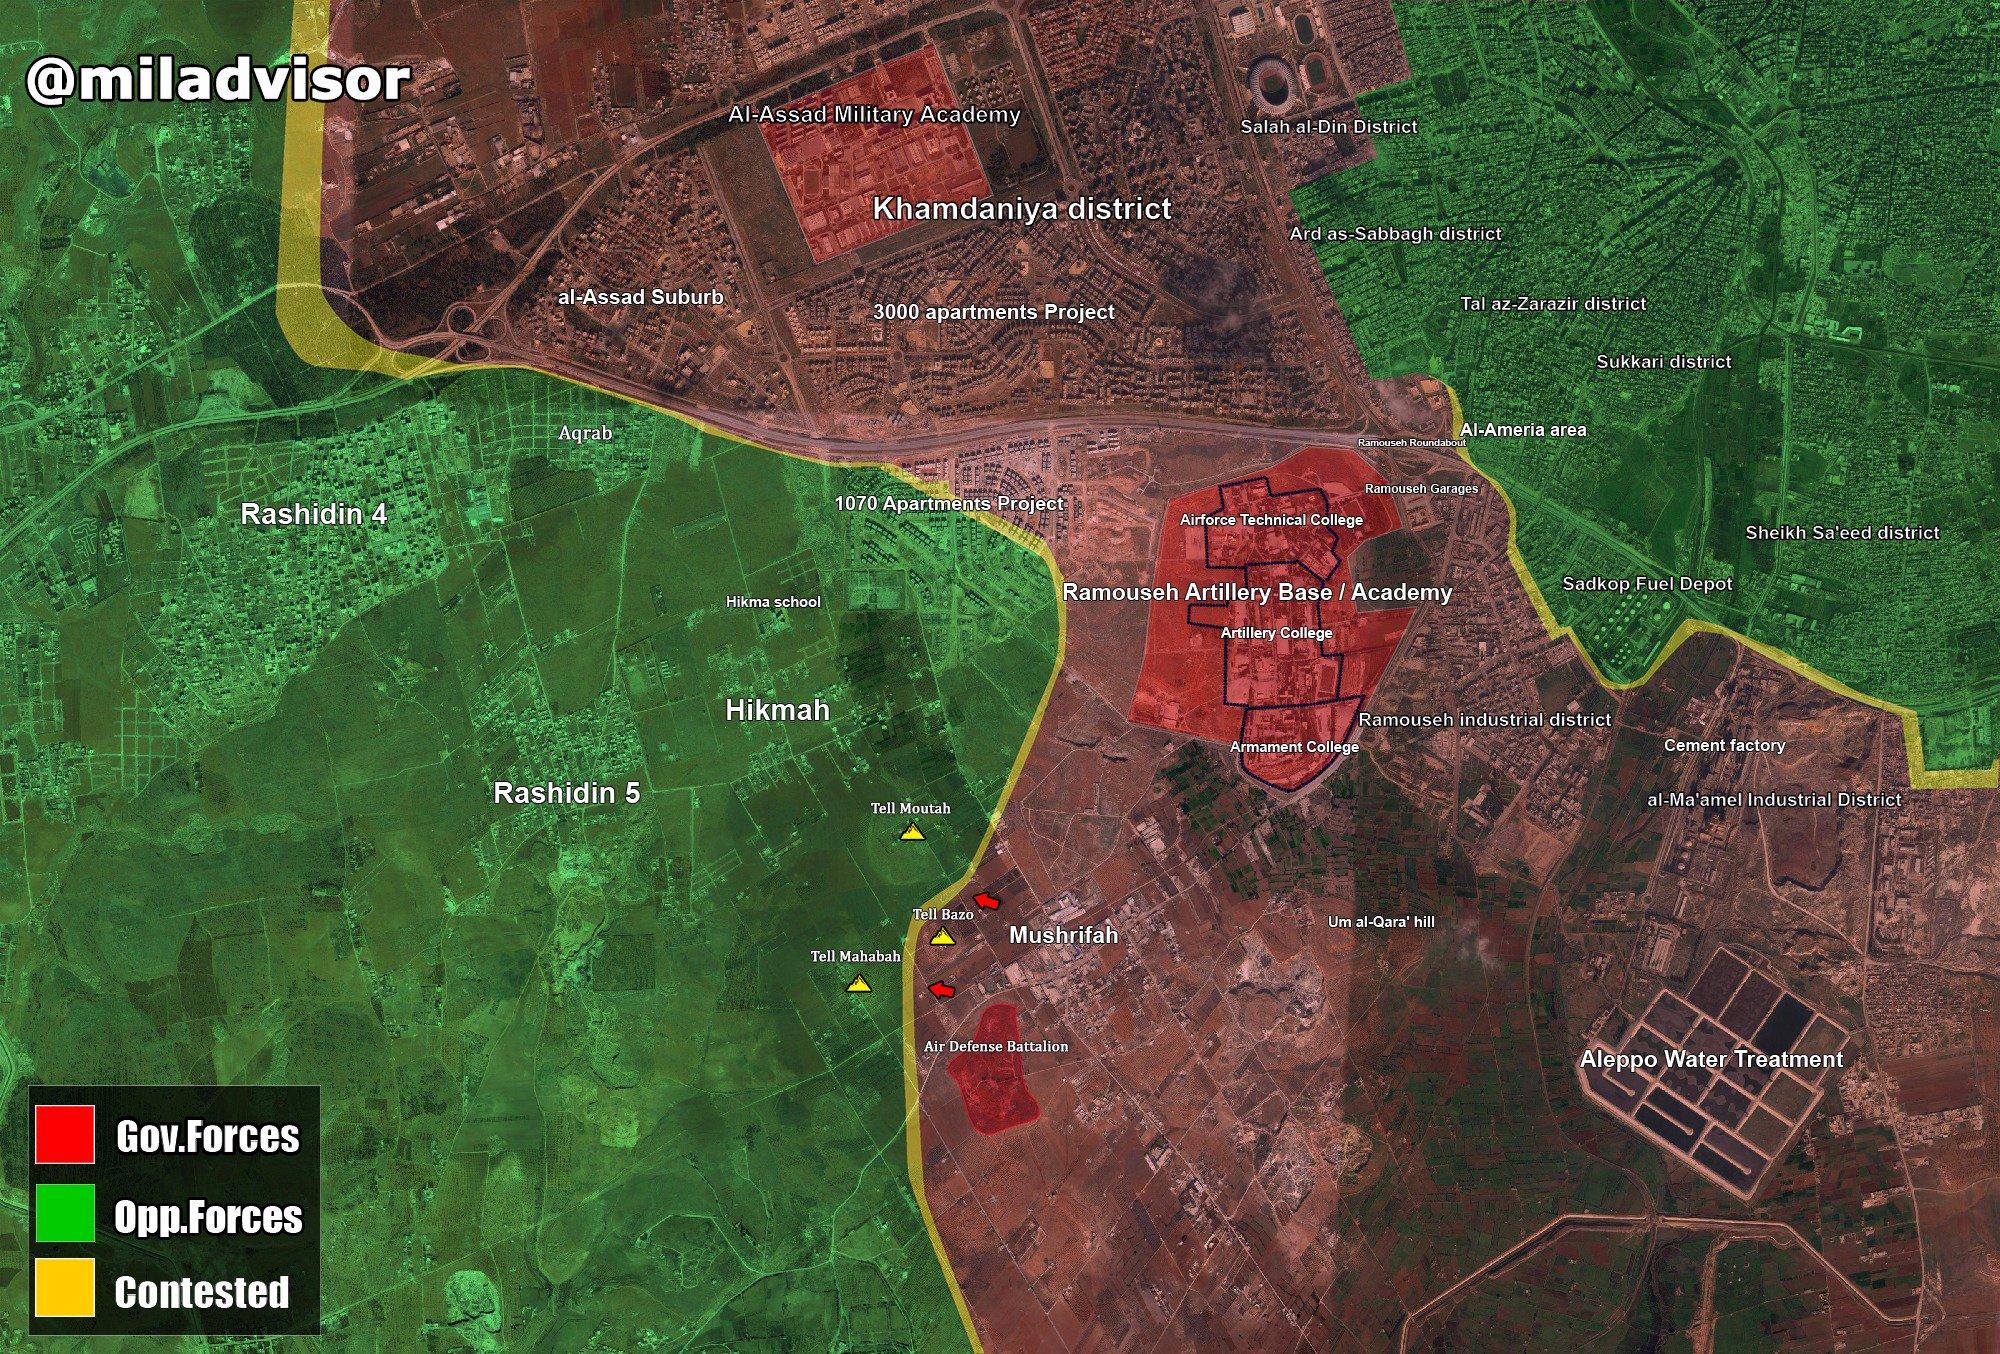 Битва за Алеппо. Бои за базу батальона ВВС